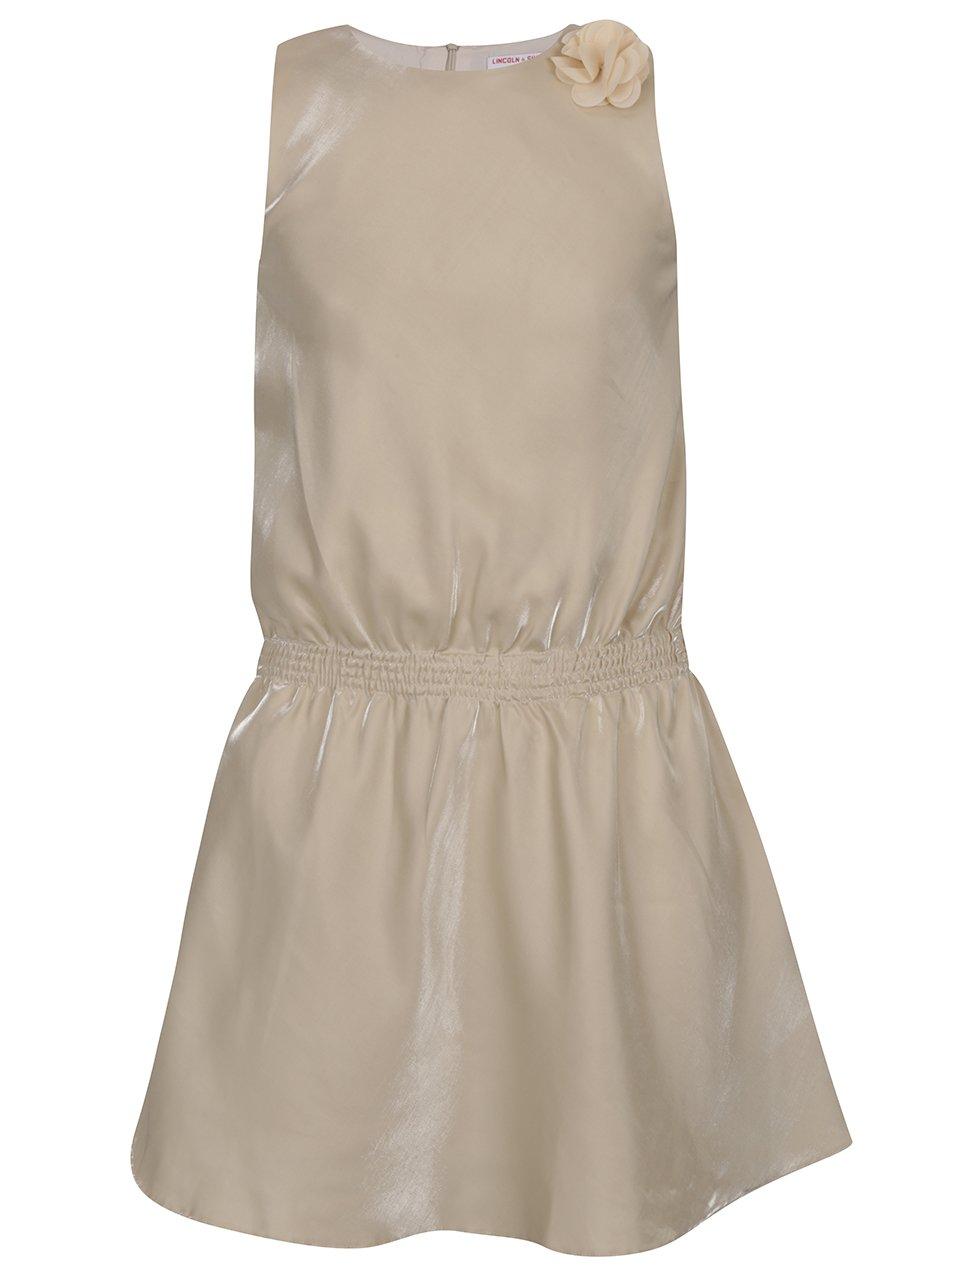 Béžové holčičí lesklé šaty s ozdobou 5.10.15.